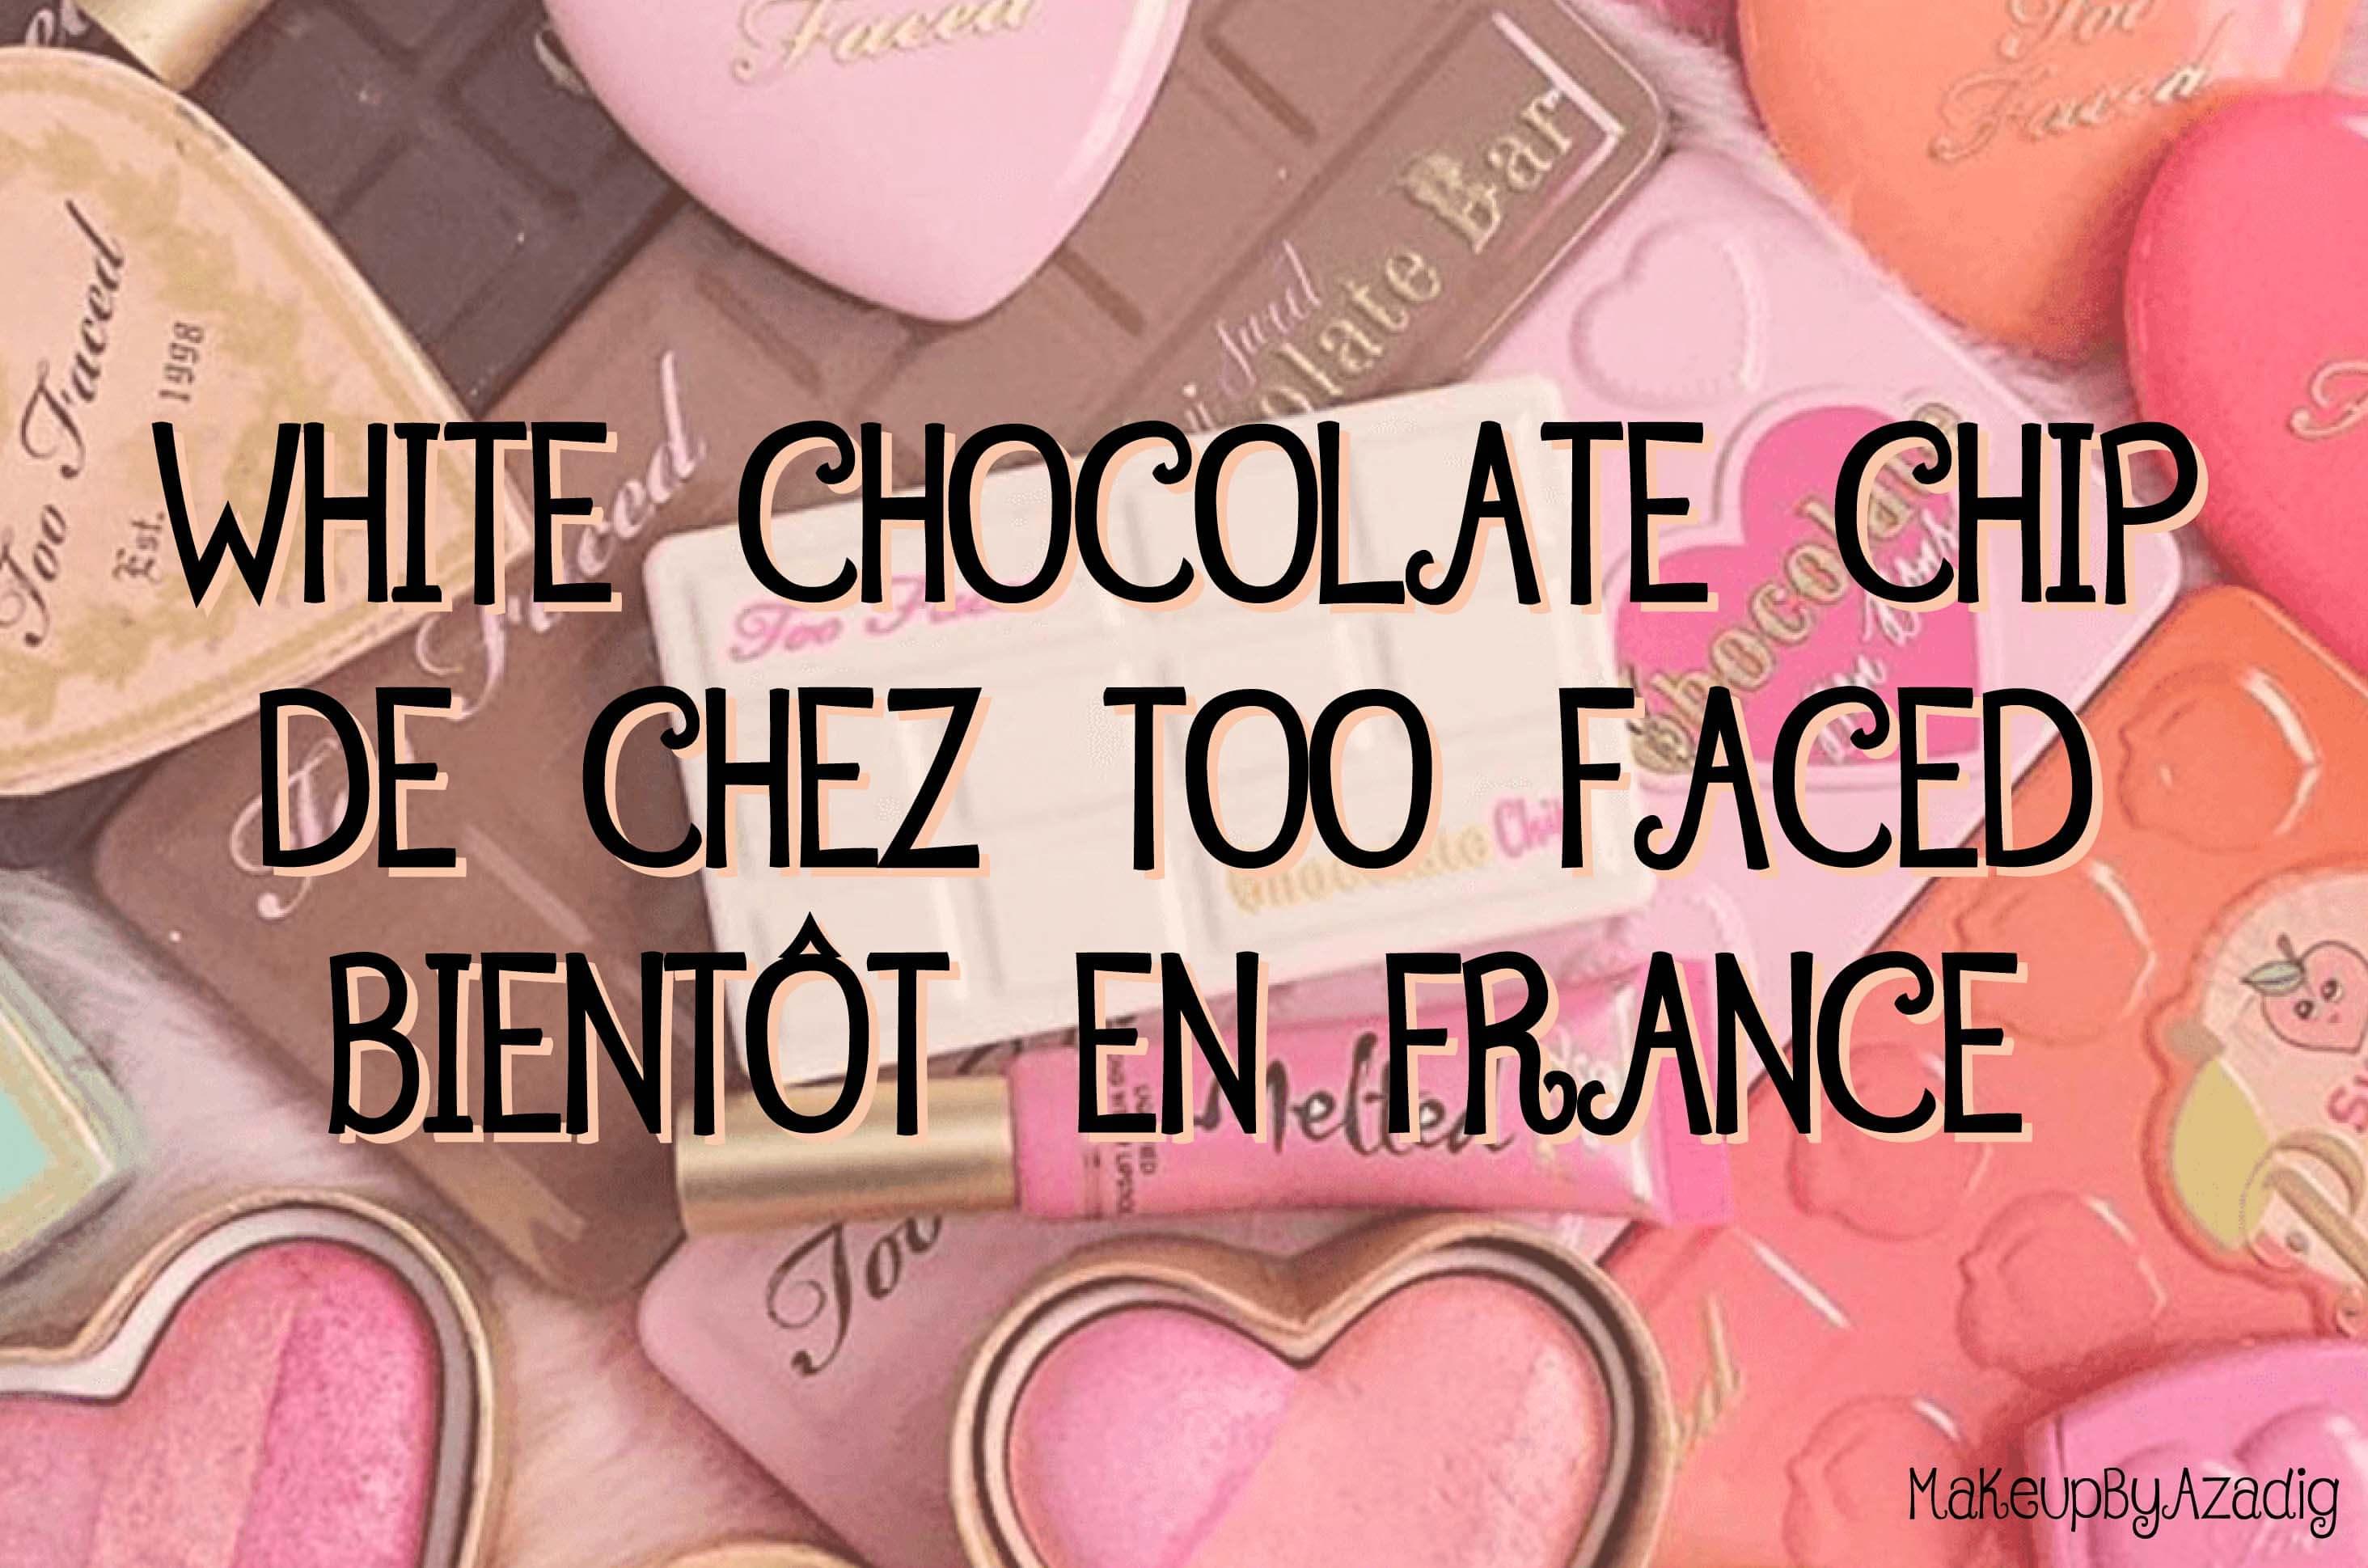 revue-review-white-chocolate-chip-palette-too-faced-jerrod-blandino-nouveaute-disponible-en-france-makeupbyazadig-paris